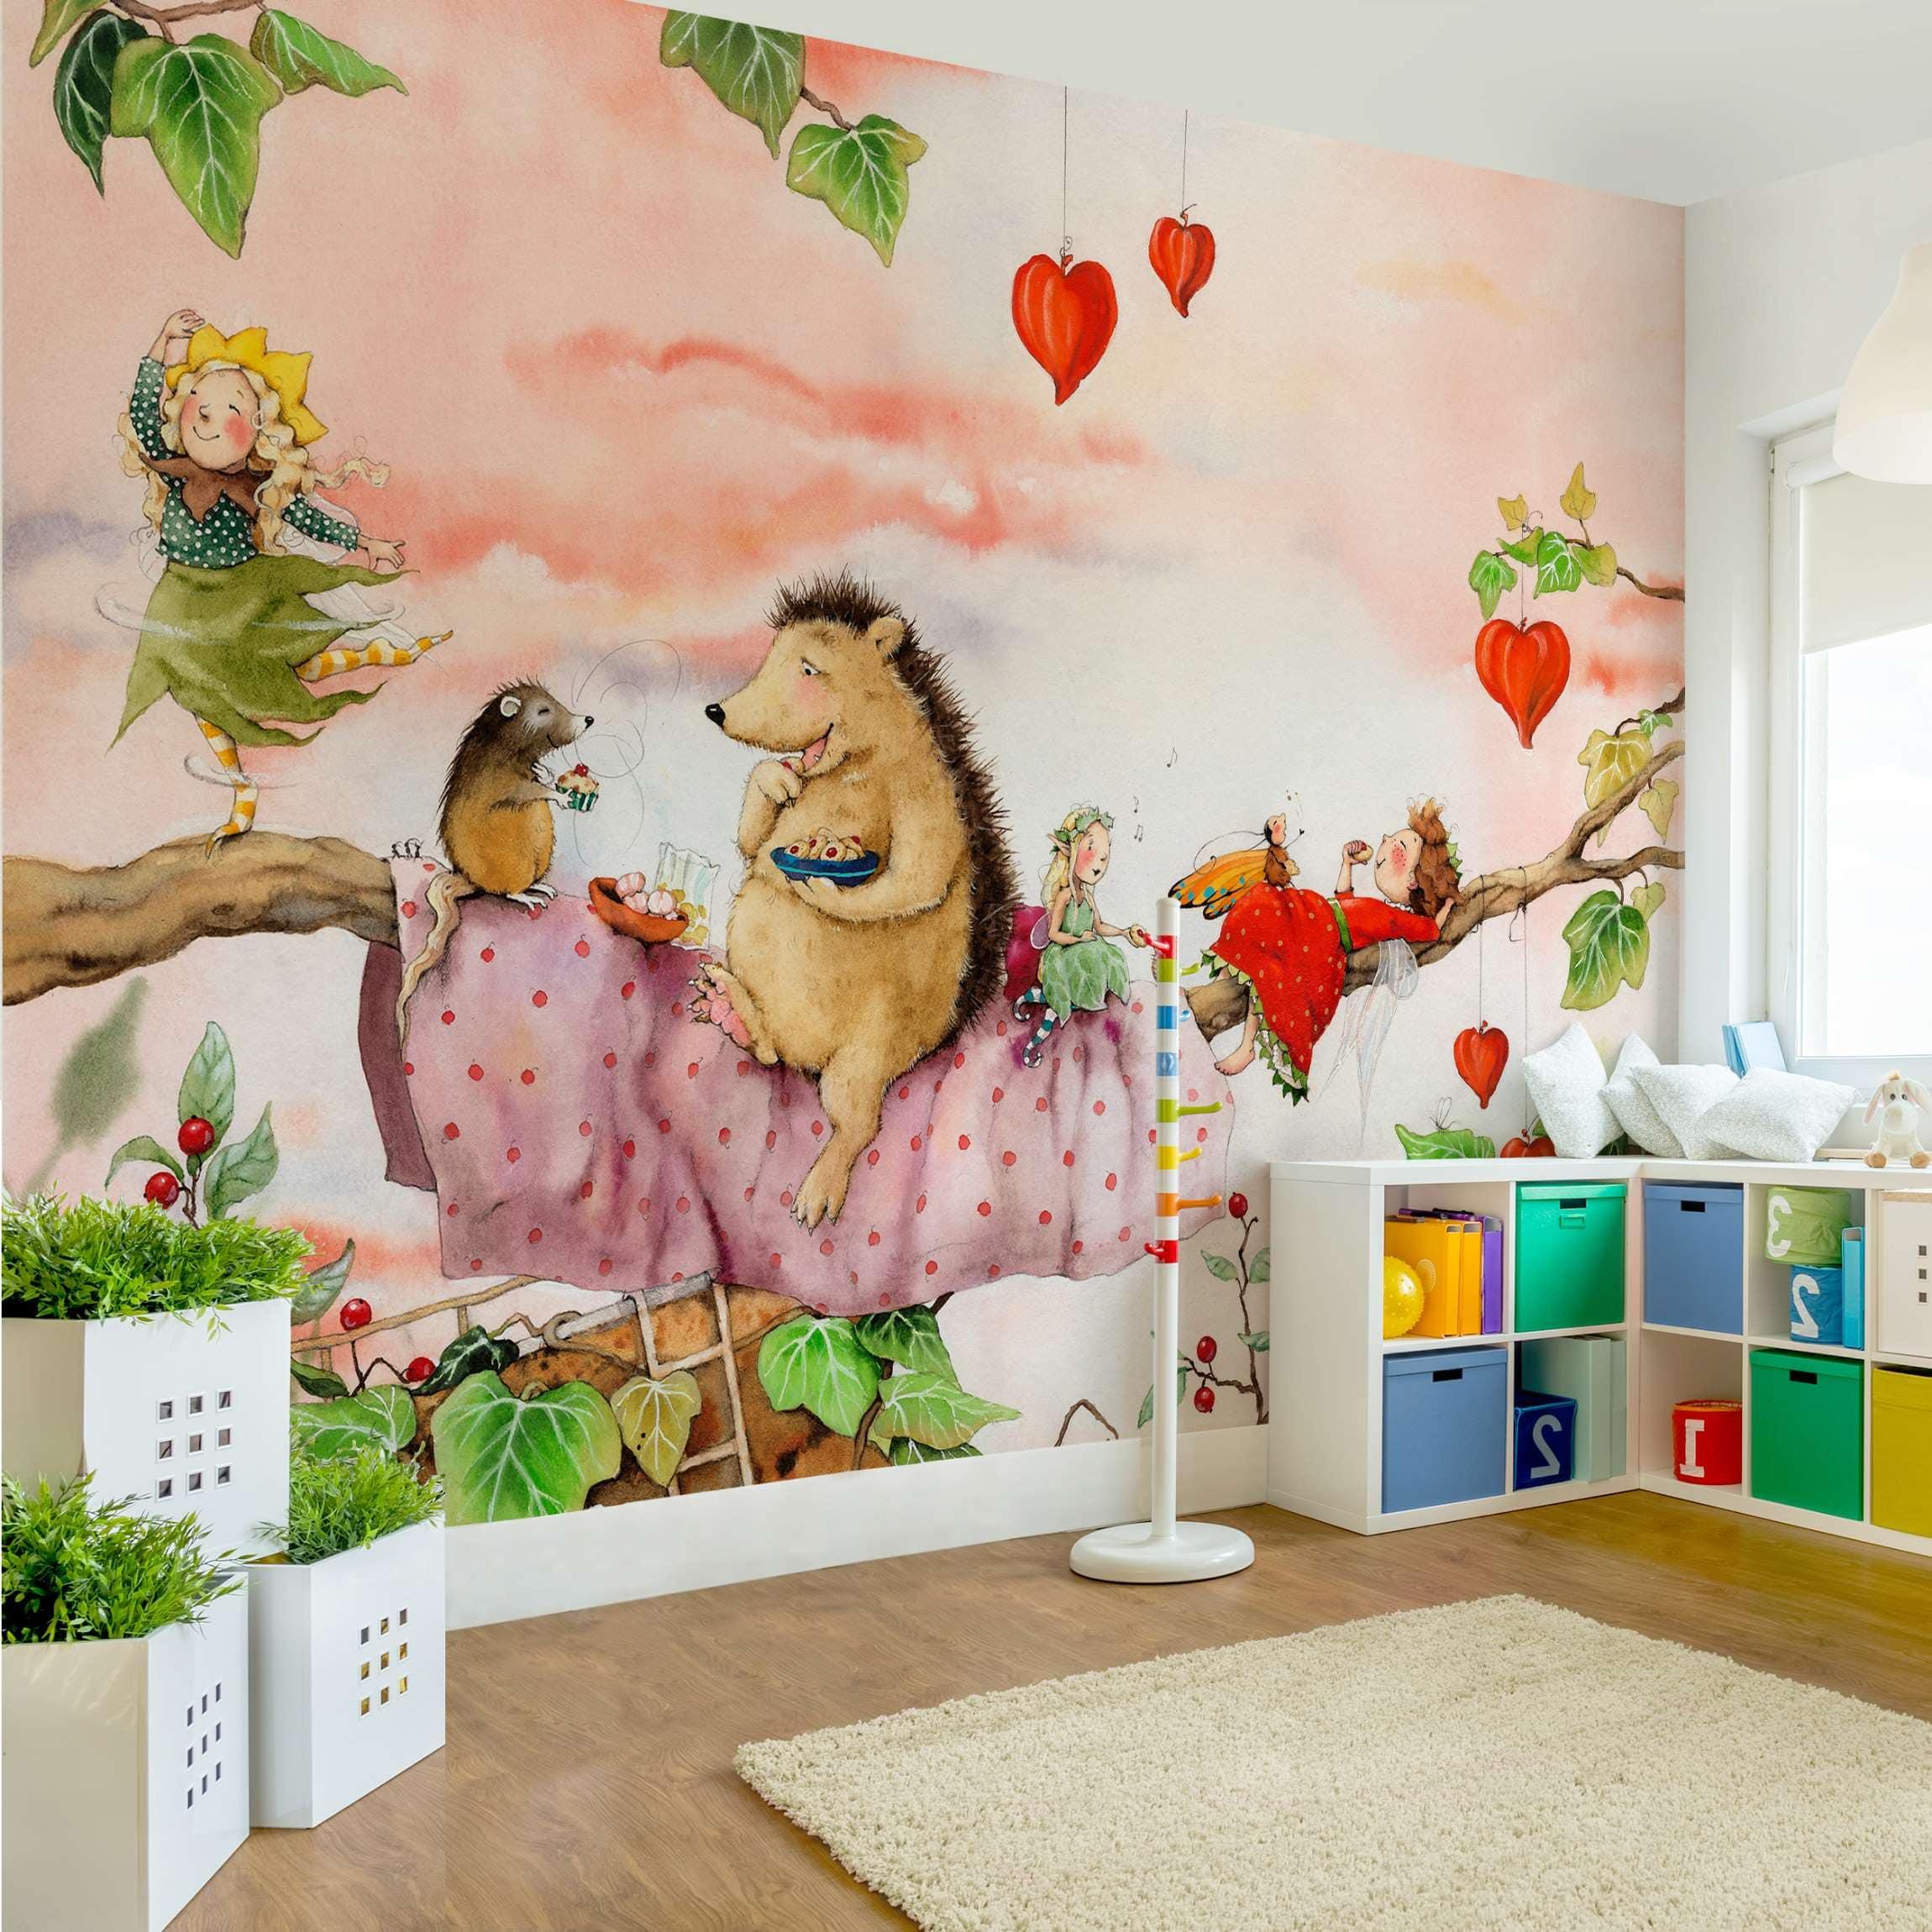 Full Size of Fototapeten Kinderzimmer Farben Regal Sofa Wohnzimmer Regale Weiß Kinderzimmer Fototapeten Kinderzimmer